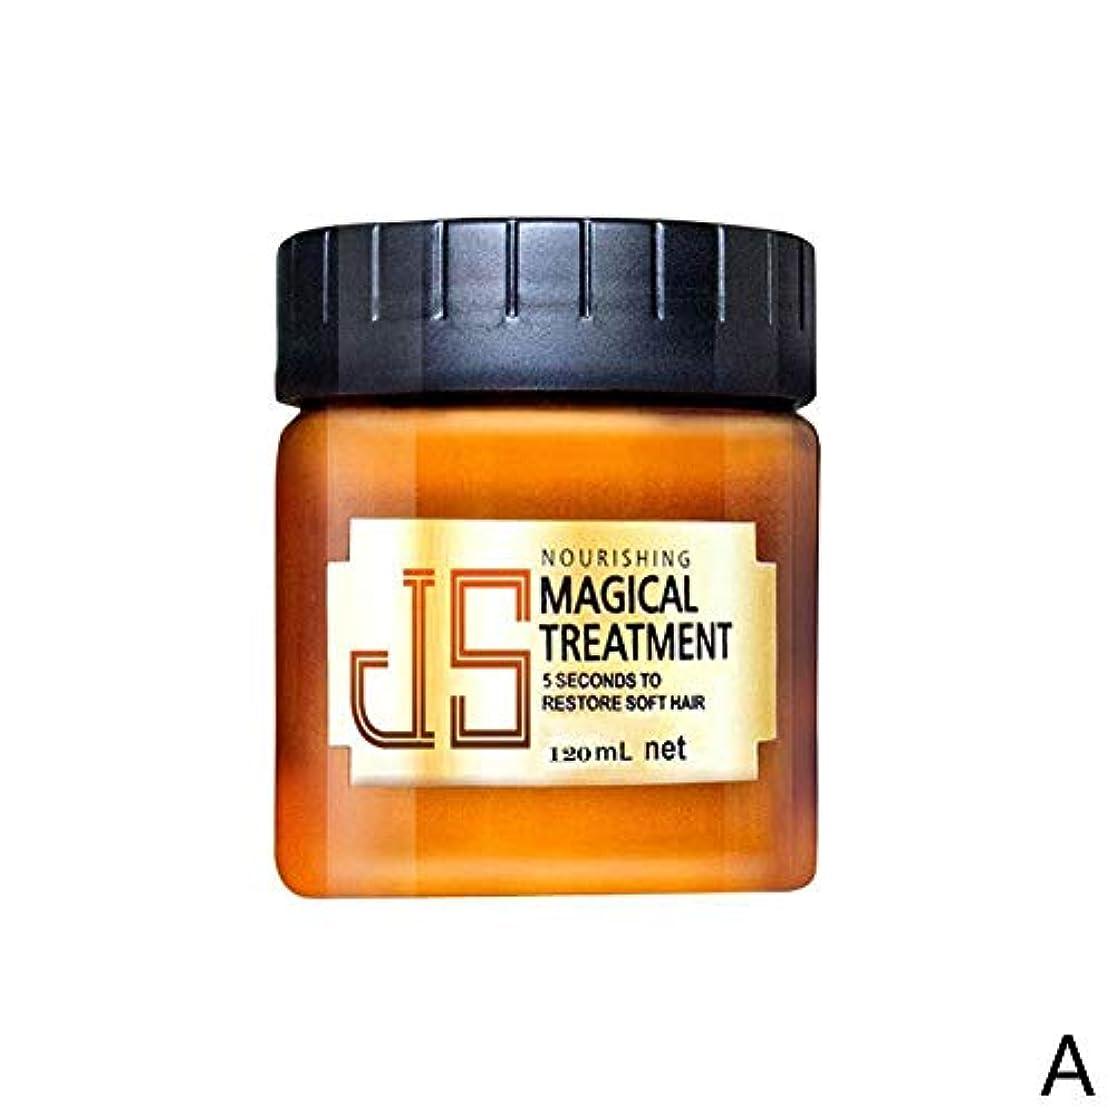 ジャンプする活気づくその間BETTER YOU (ベター ュー) コンディショナー、多機能コンディショナー、髪の修復、水分補給、乾燥防止、髪の栄養補給